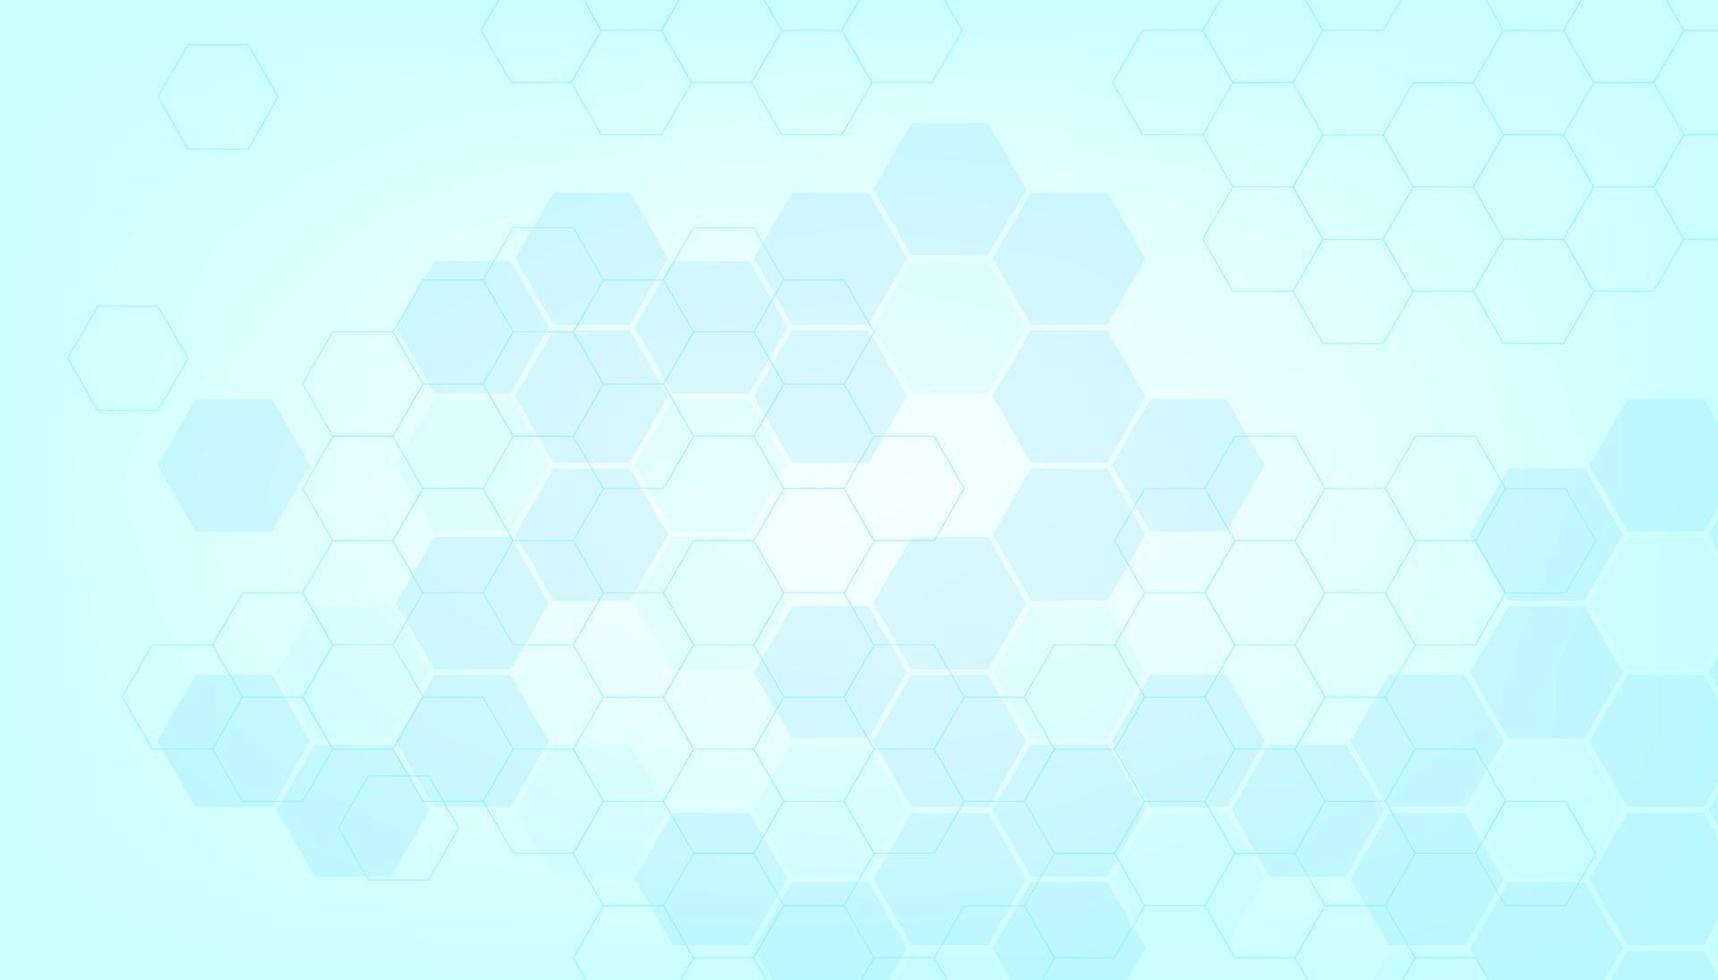 cor azul abstrata de formação médica e saudável. tecnologia e ciência com fundo de forma hexagonal. vetor